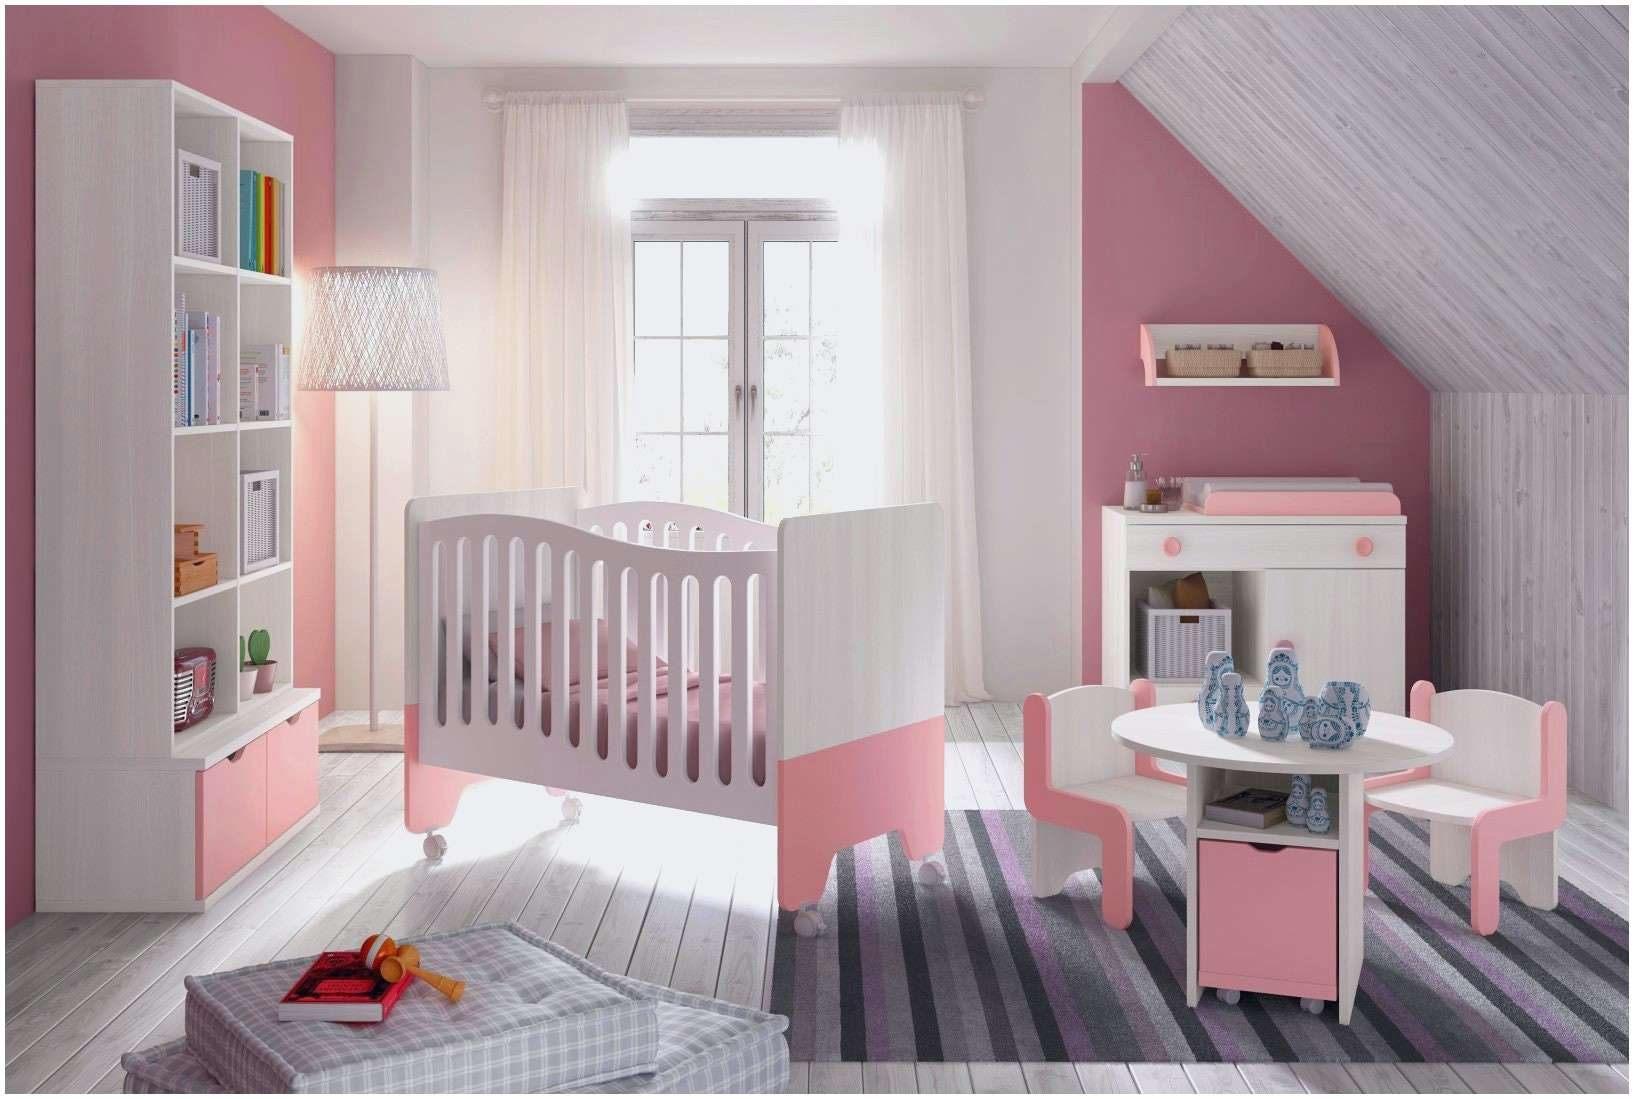 Parure De Lit Bébé Fille Beau Elégant Chambre Bébé Fille Gris Et Rose Beau Parc B C3 A9b C3 A9